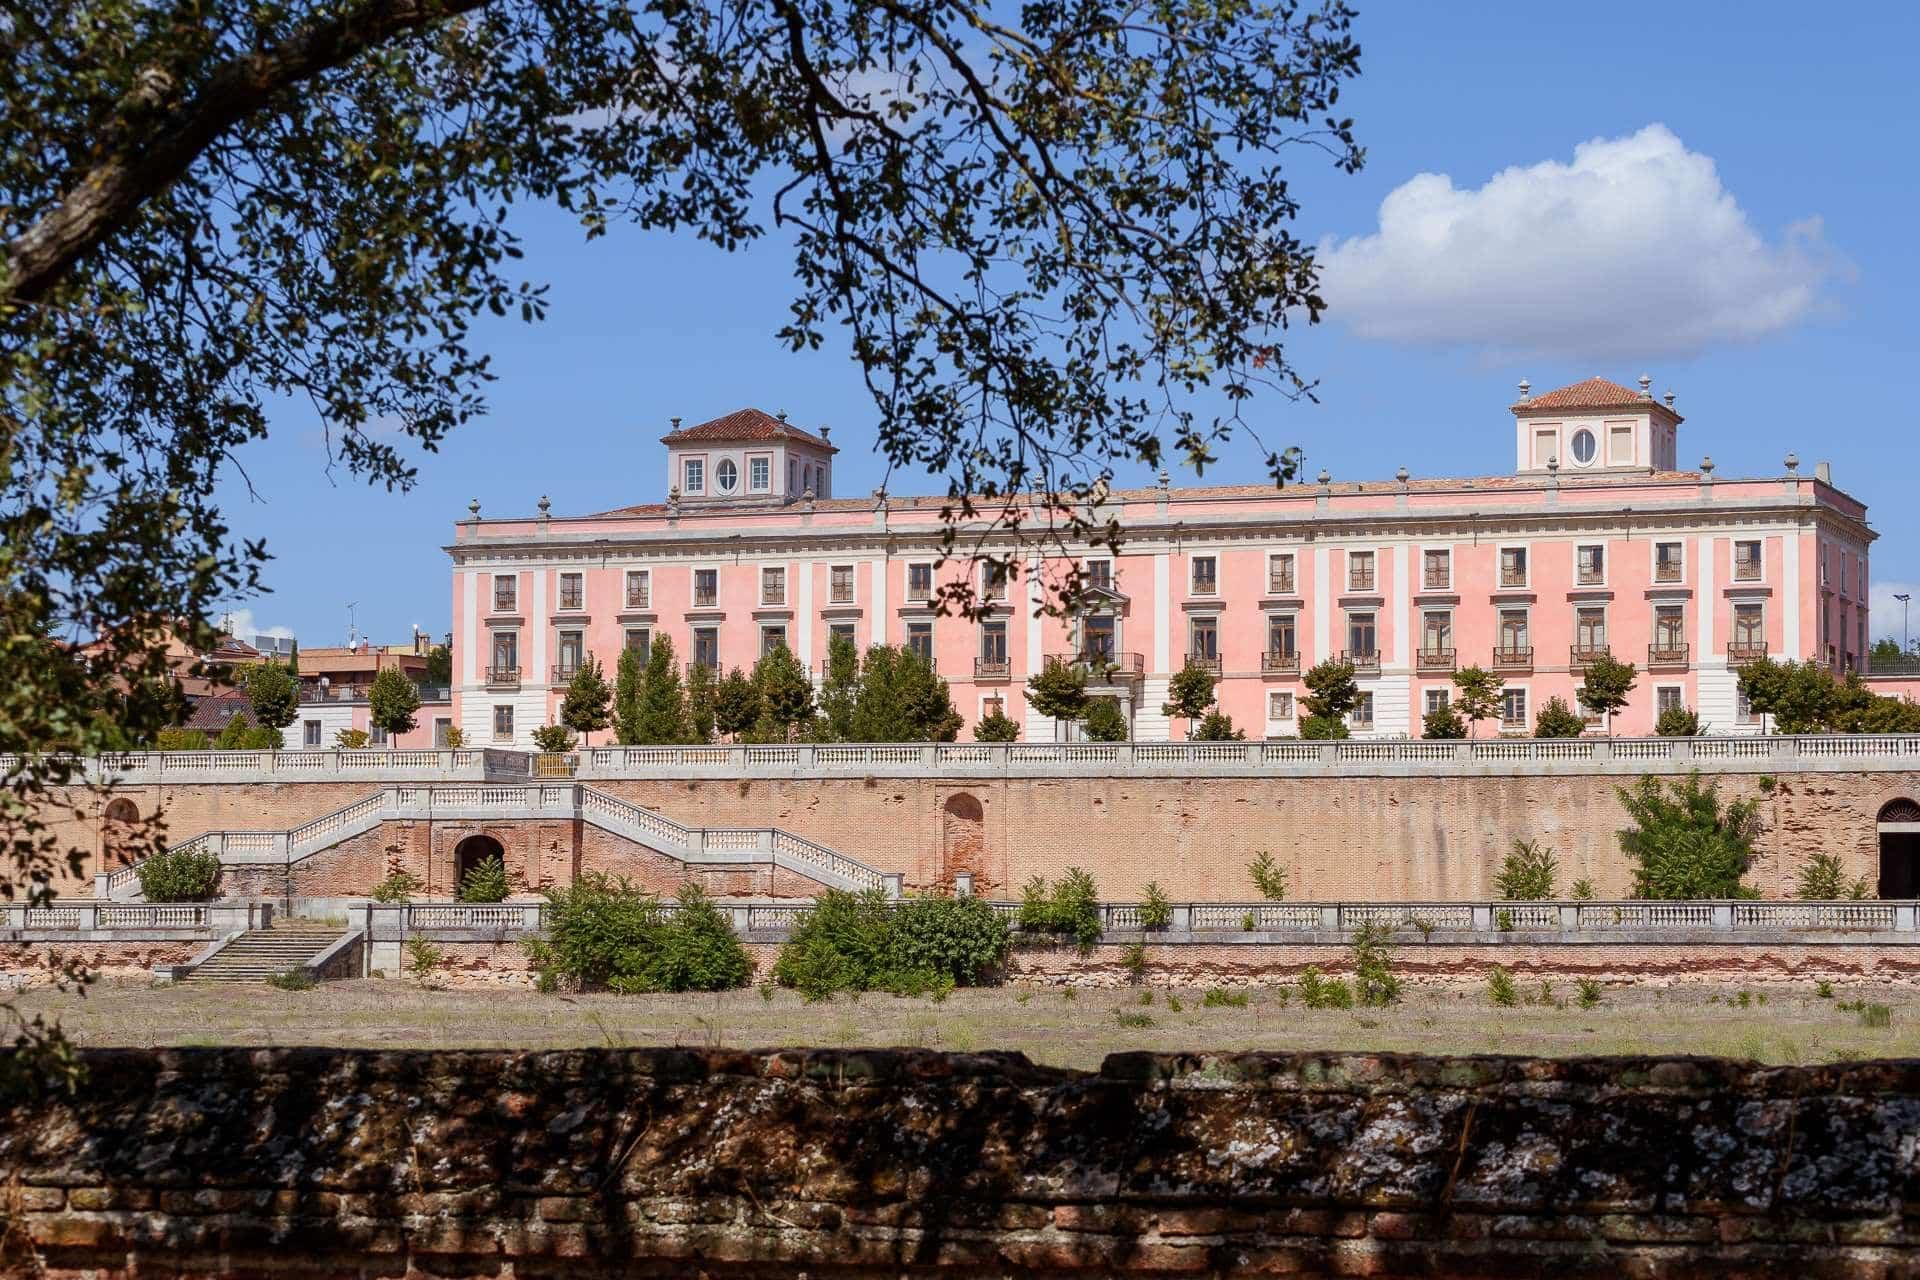 Visitas guiadas gratuitas al Palacio del Infante Don Luis en Semana Santa